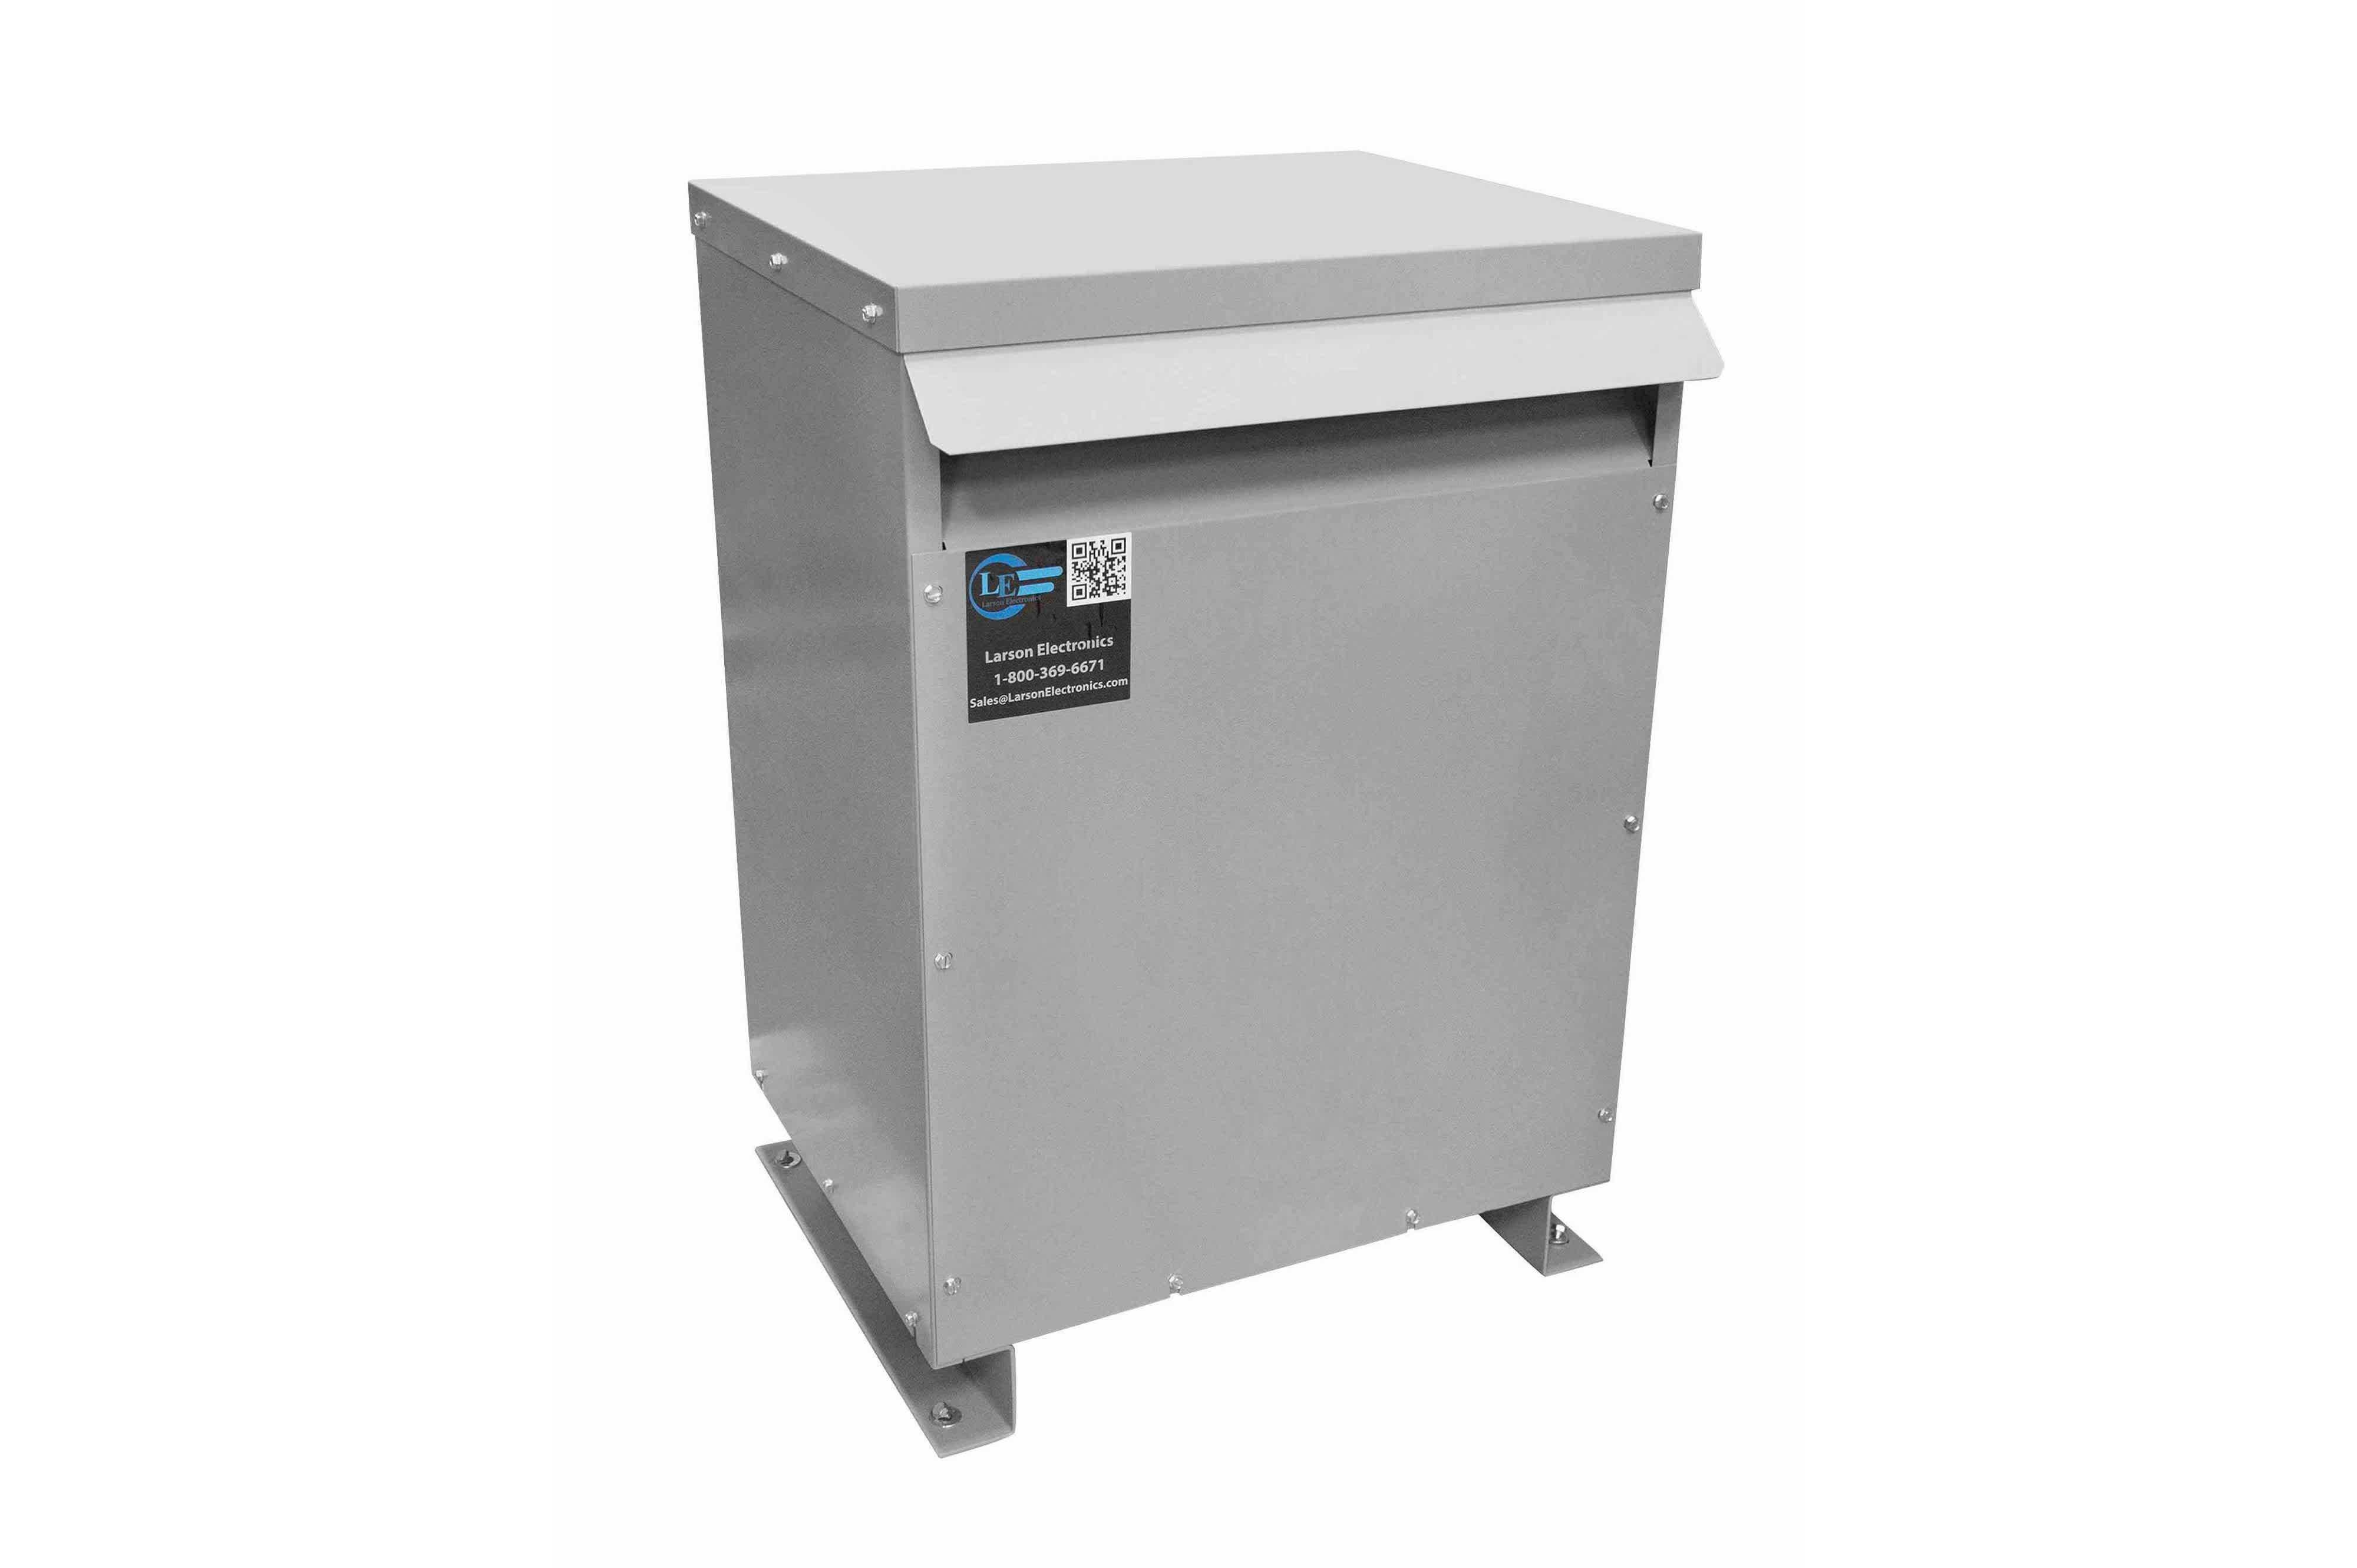 137.5 kVA 3PH Isolation Transformer, 415V Delta Primary, 600V Delta Secondary, N3R, Ventilated, 60 Hz